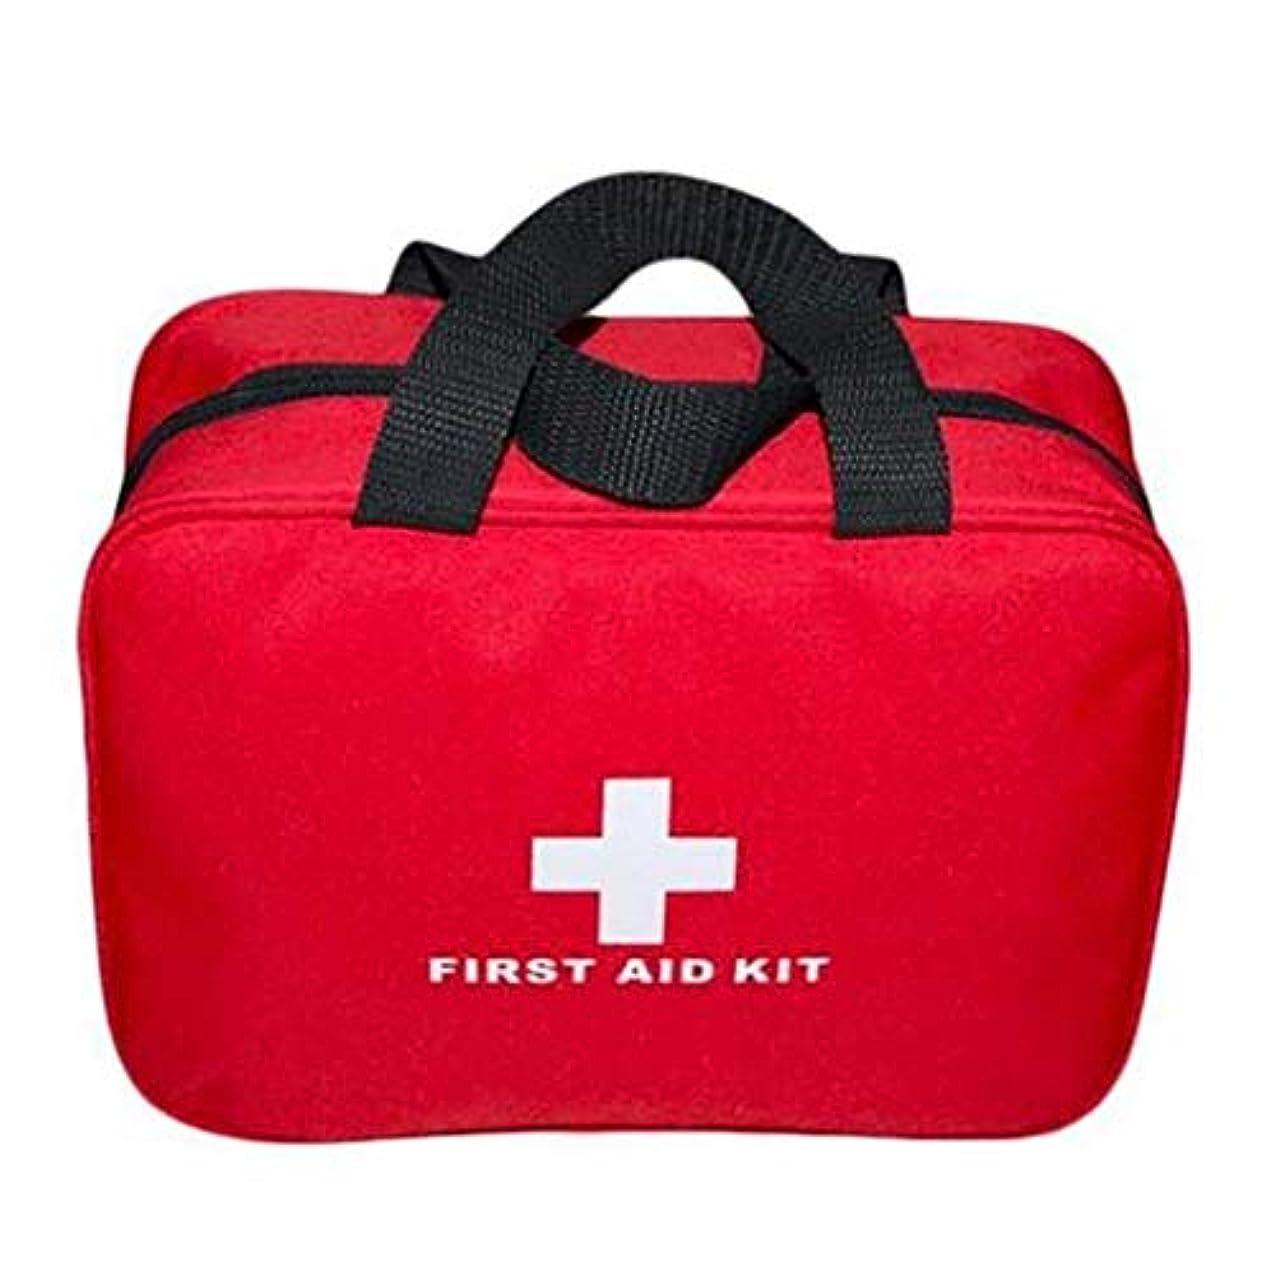 免疫退却レールDjyyh コンパートメントが付いている救急箱の空袋、旅行緊急のパッケージの生存の袋、医学の貯蔵袋の箱